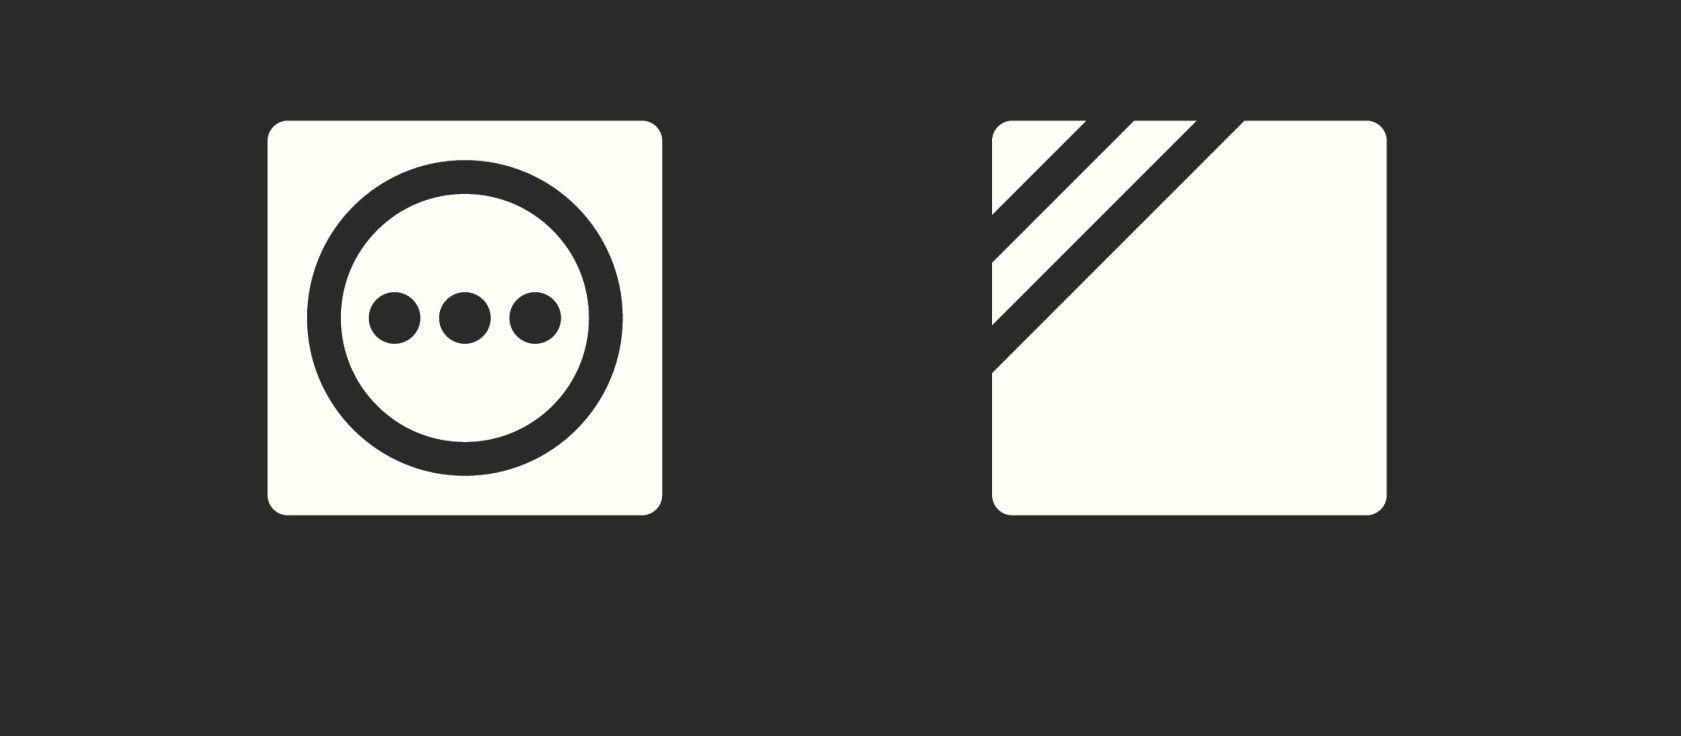 Drying Symbols